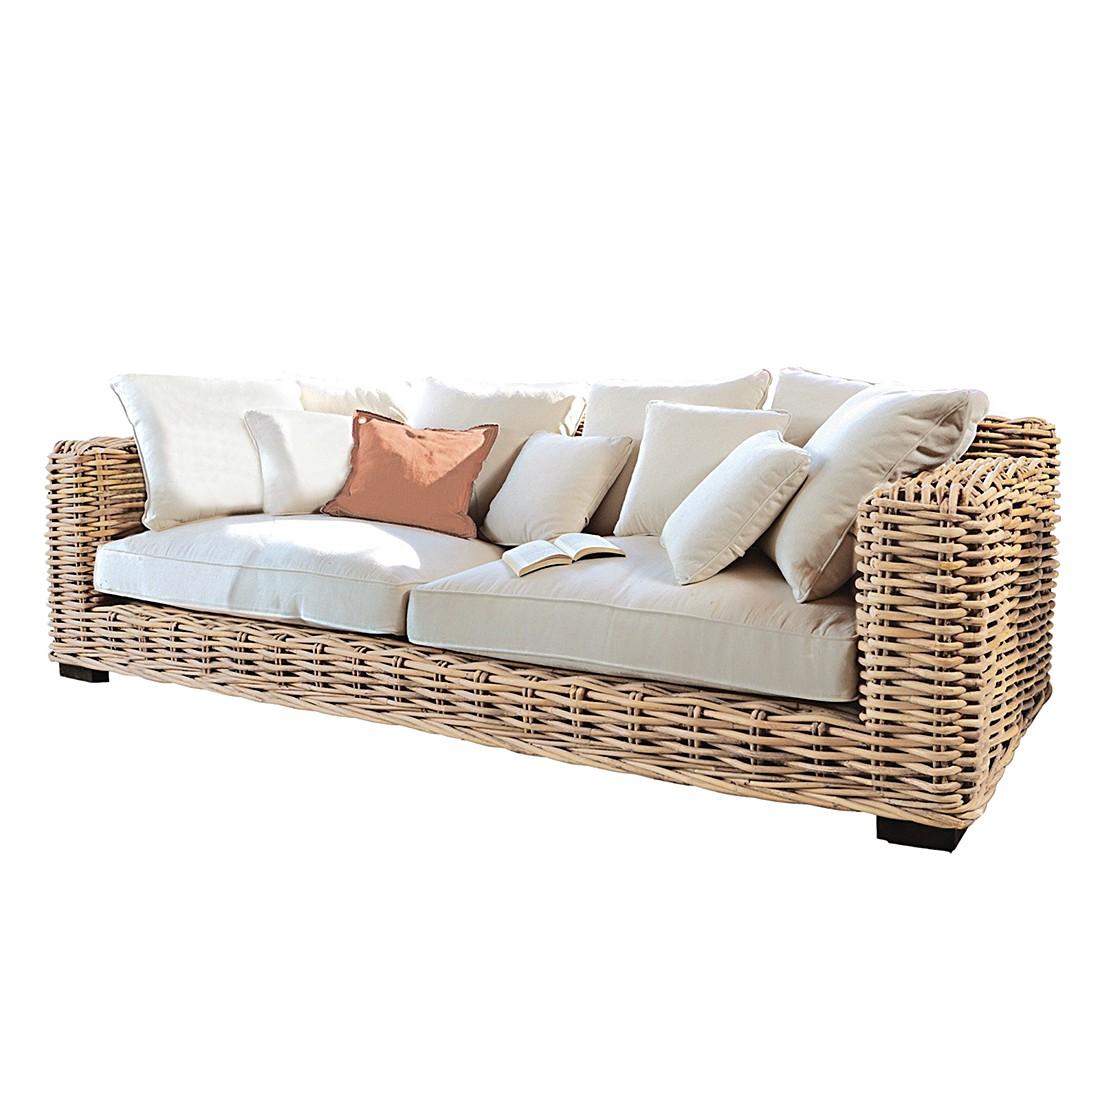 rattan h ngesessel mit gestell g nstig kaufen. Black Bedroom Furniture Sets. Home Design Ideas